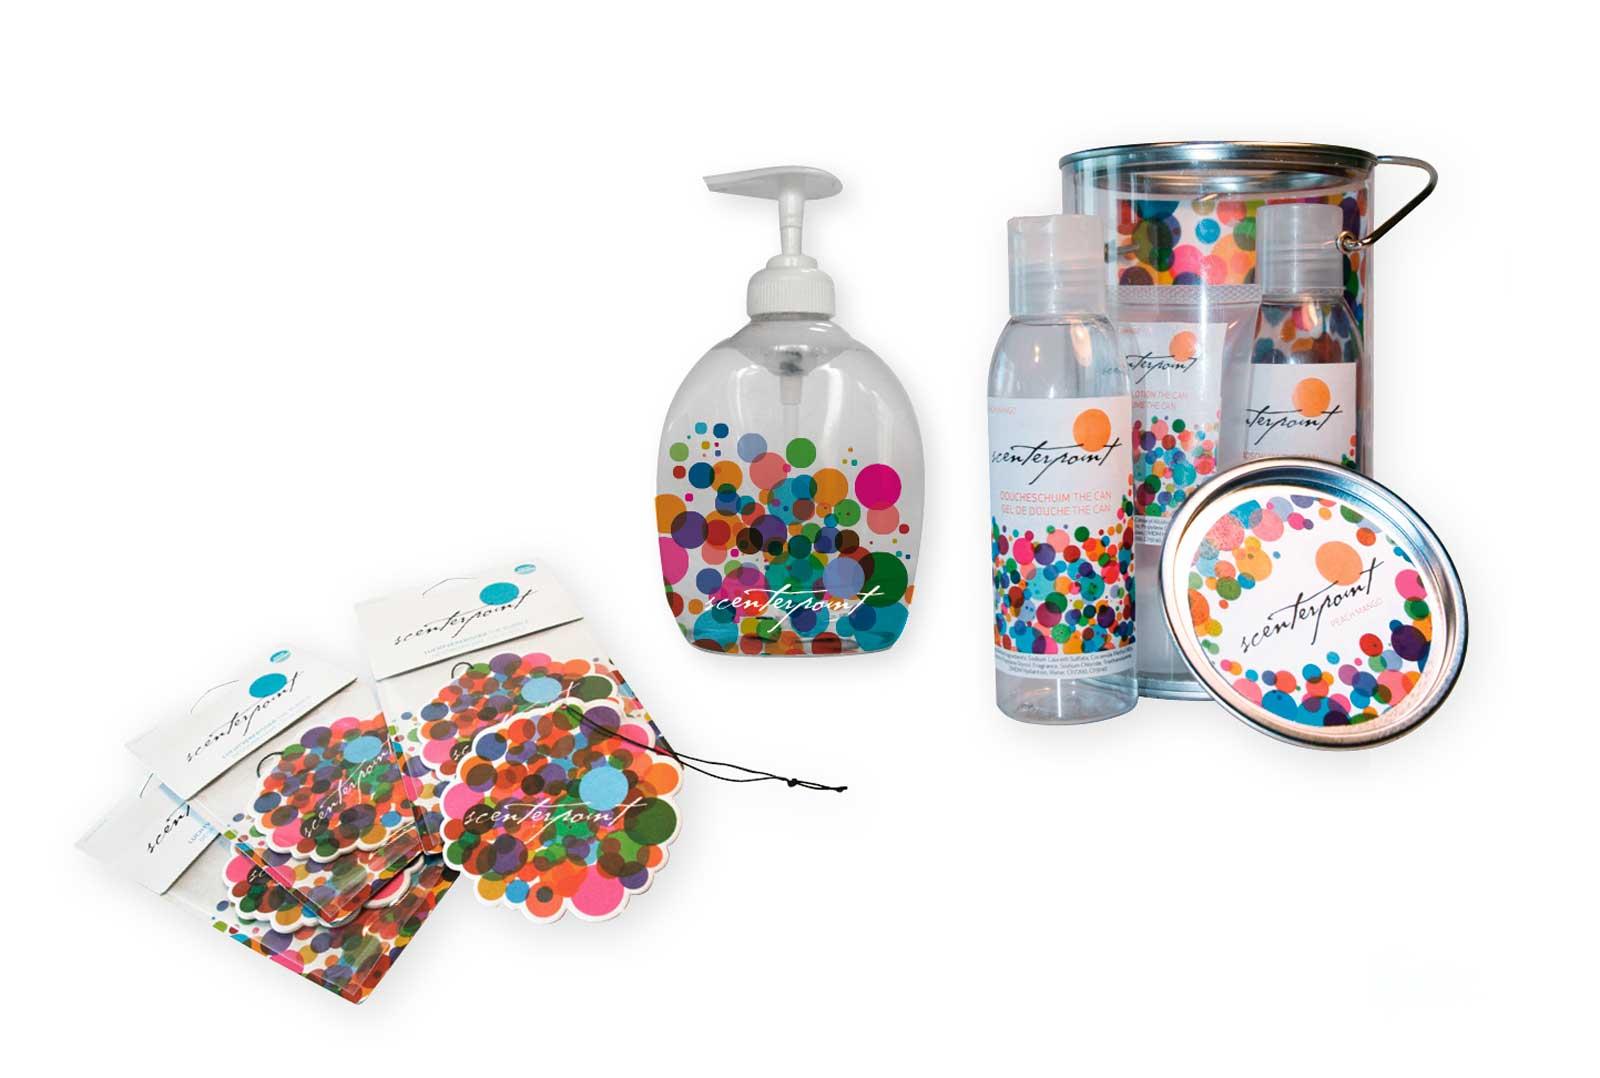 Verschillende verpakkingen voor Scenterpoint: geurhanger, zeeppompje, cadeauverpakking